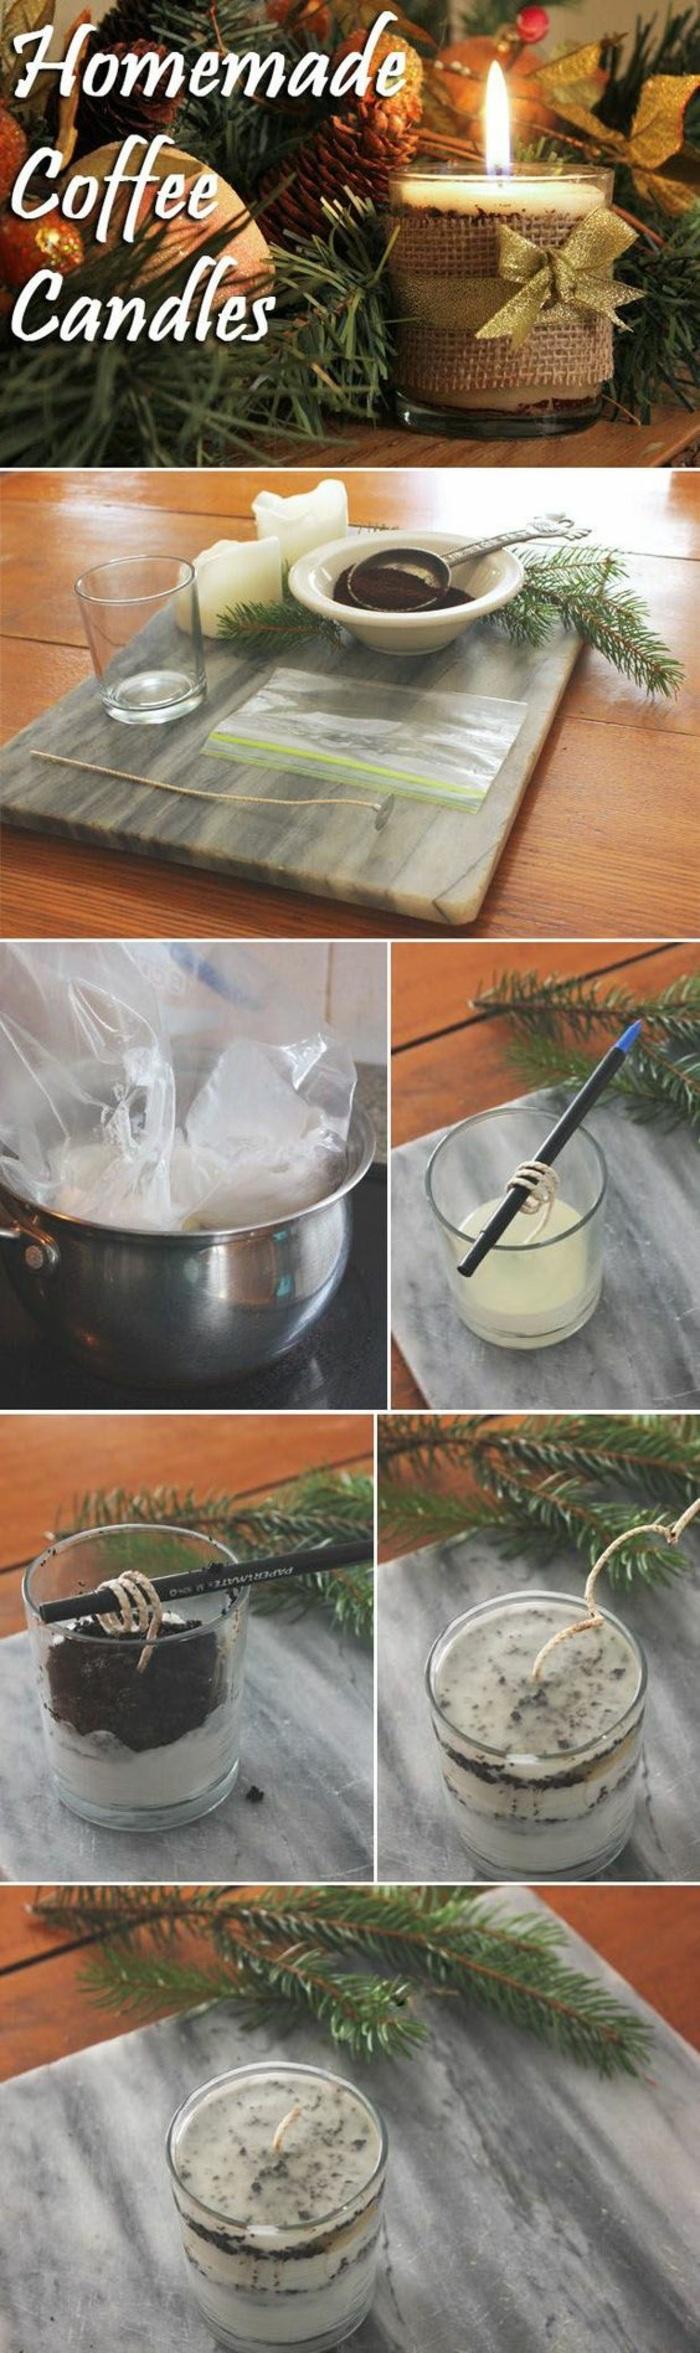 propuestas en imagines sobre cómo decorar velas aromáticas con restos de velas viejas paso a paso